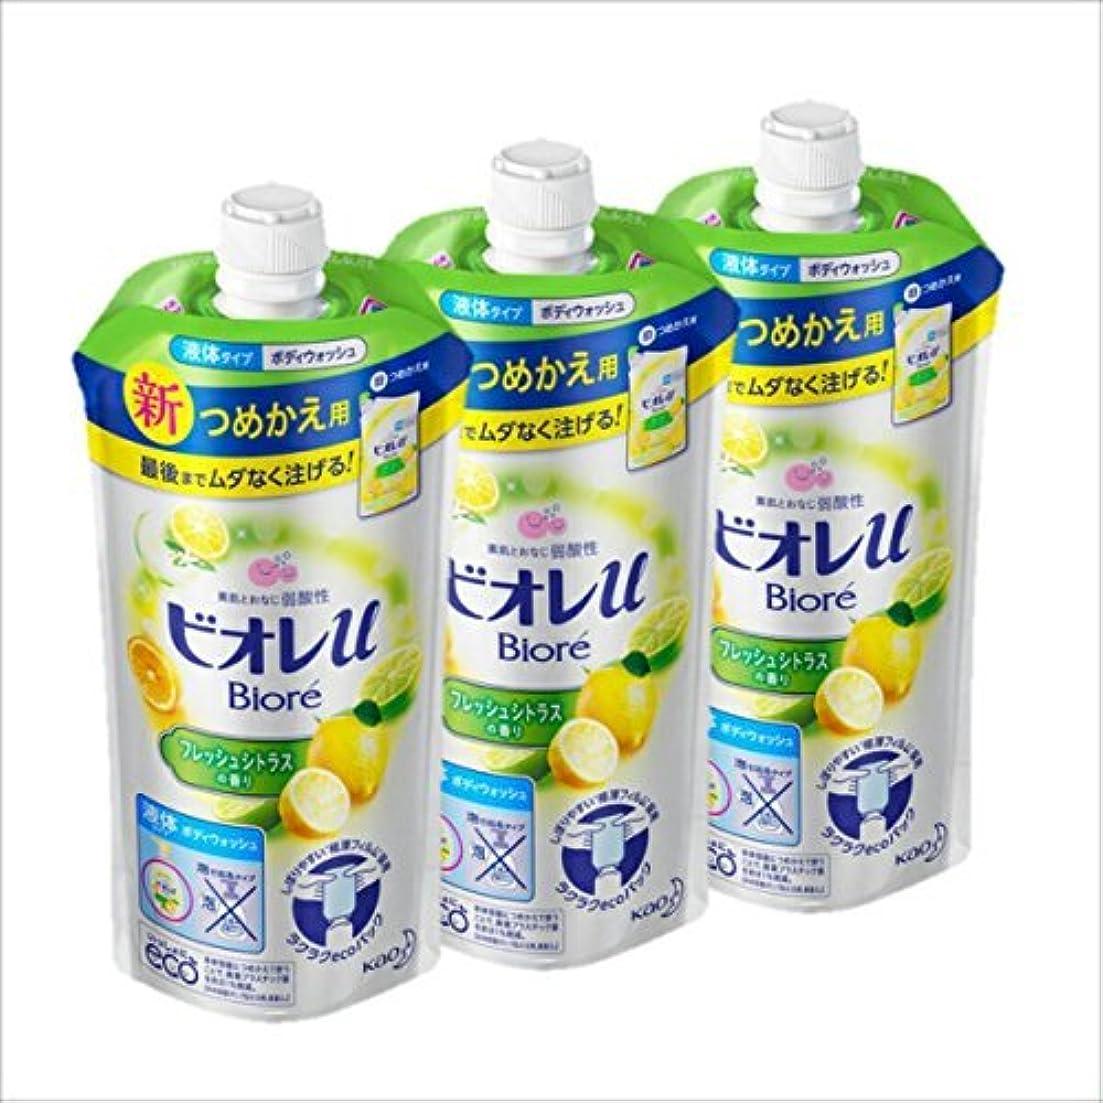 鋭くスーパーマーケットハンカチ【まとめ買い】ビオレu フレッシュシトラスの香り つめかえ用 340ml×3個